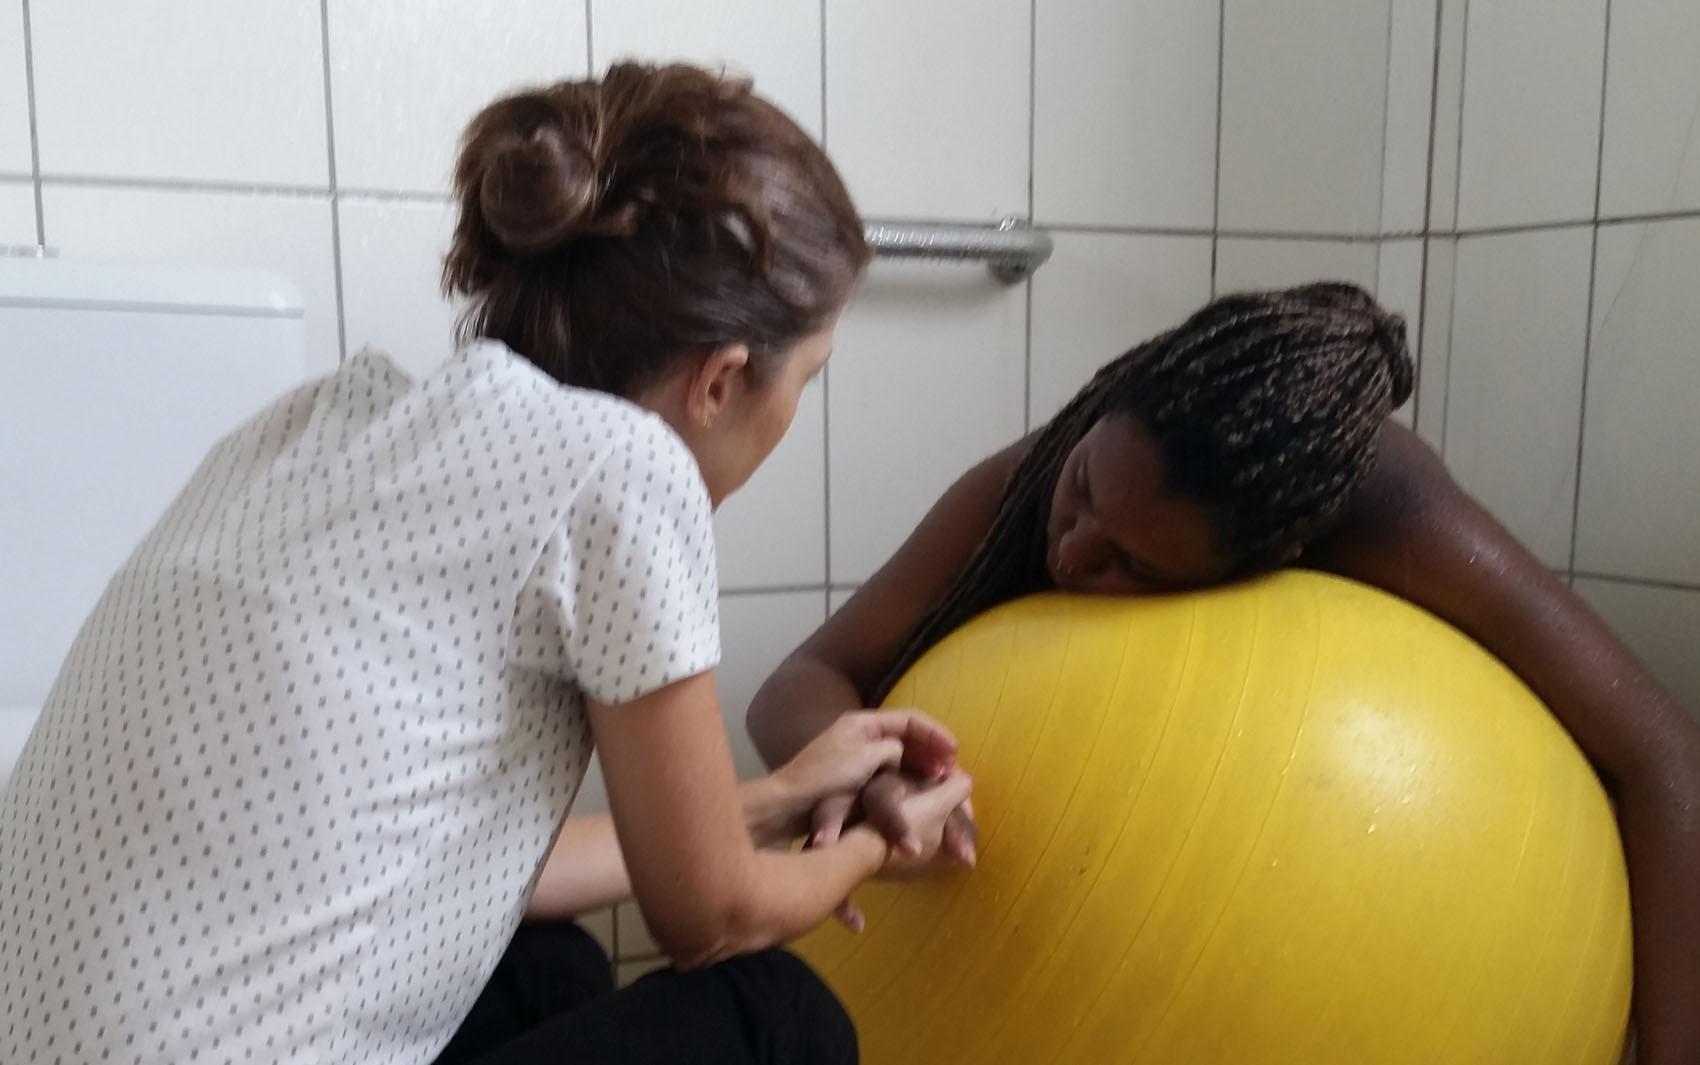 Nova lei permite presença de doulas em maternidades públicas e privadas do RN  - Notícias - Plantão Diário